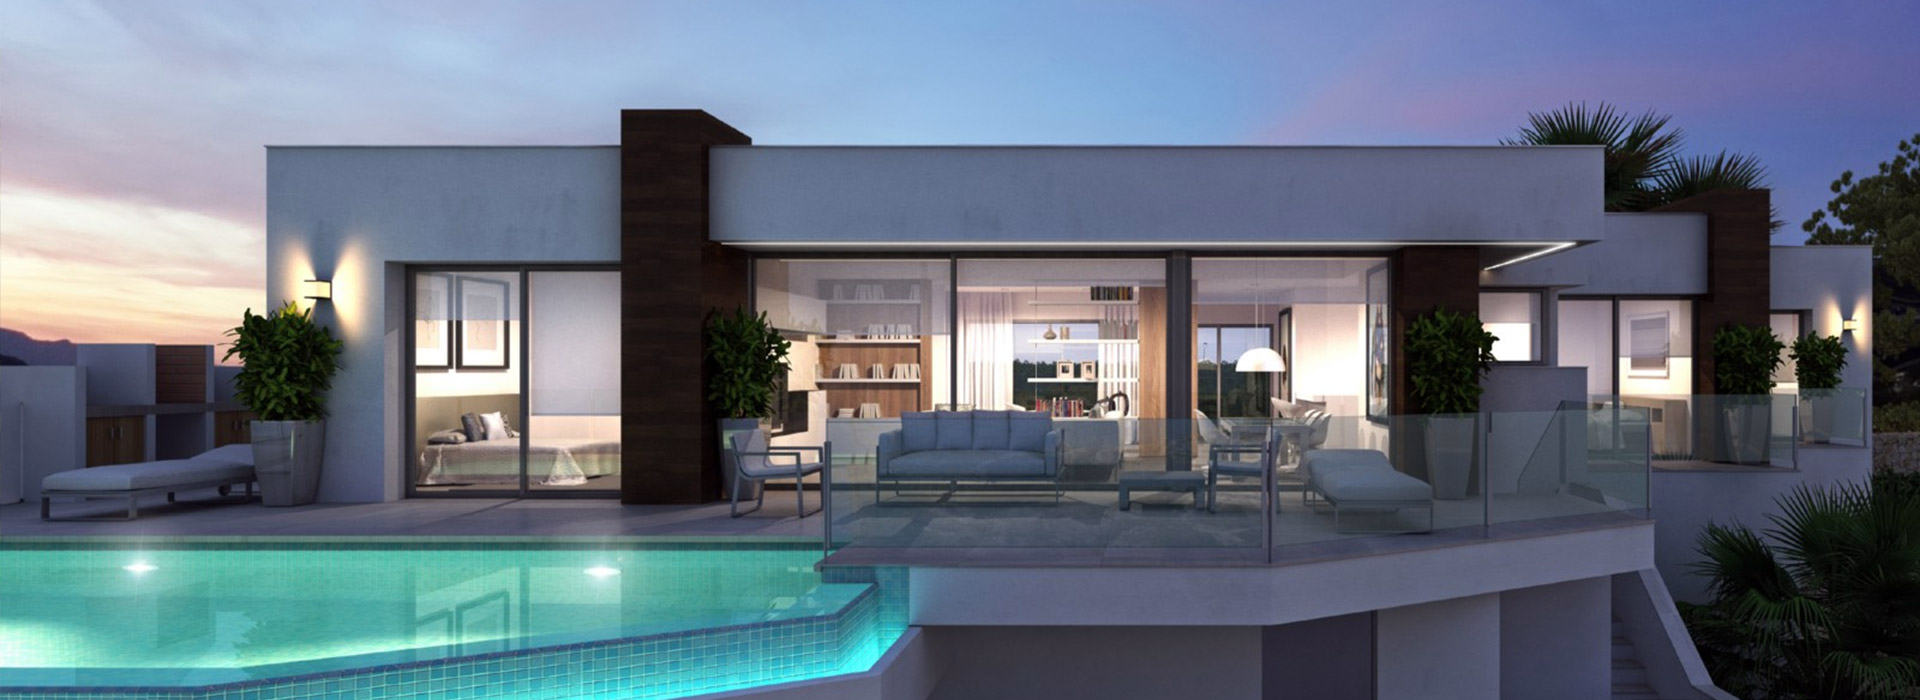 acb.immo - Villa moderne de luxe avec vue mer à Cumbre del Sol, Benitachell